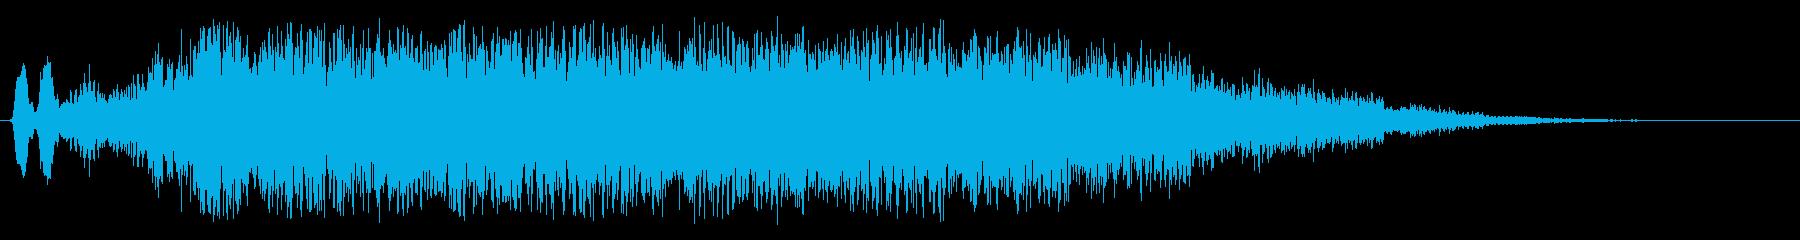 ヒューン(風の吹くような効果音)の再生済みの波形